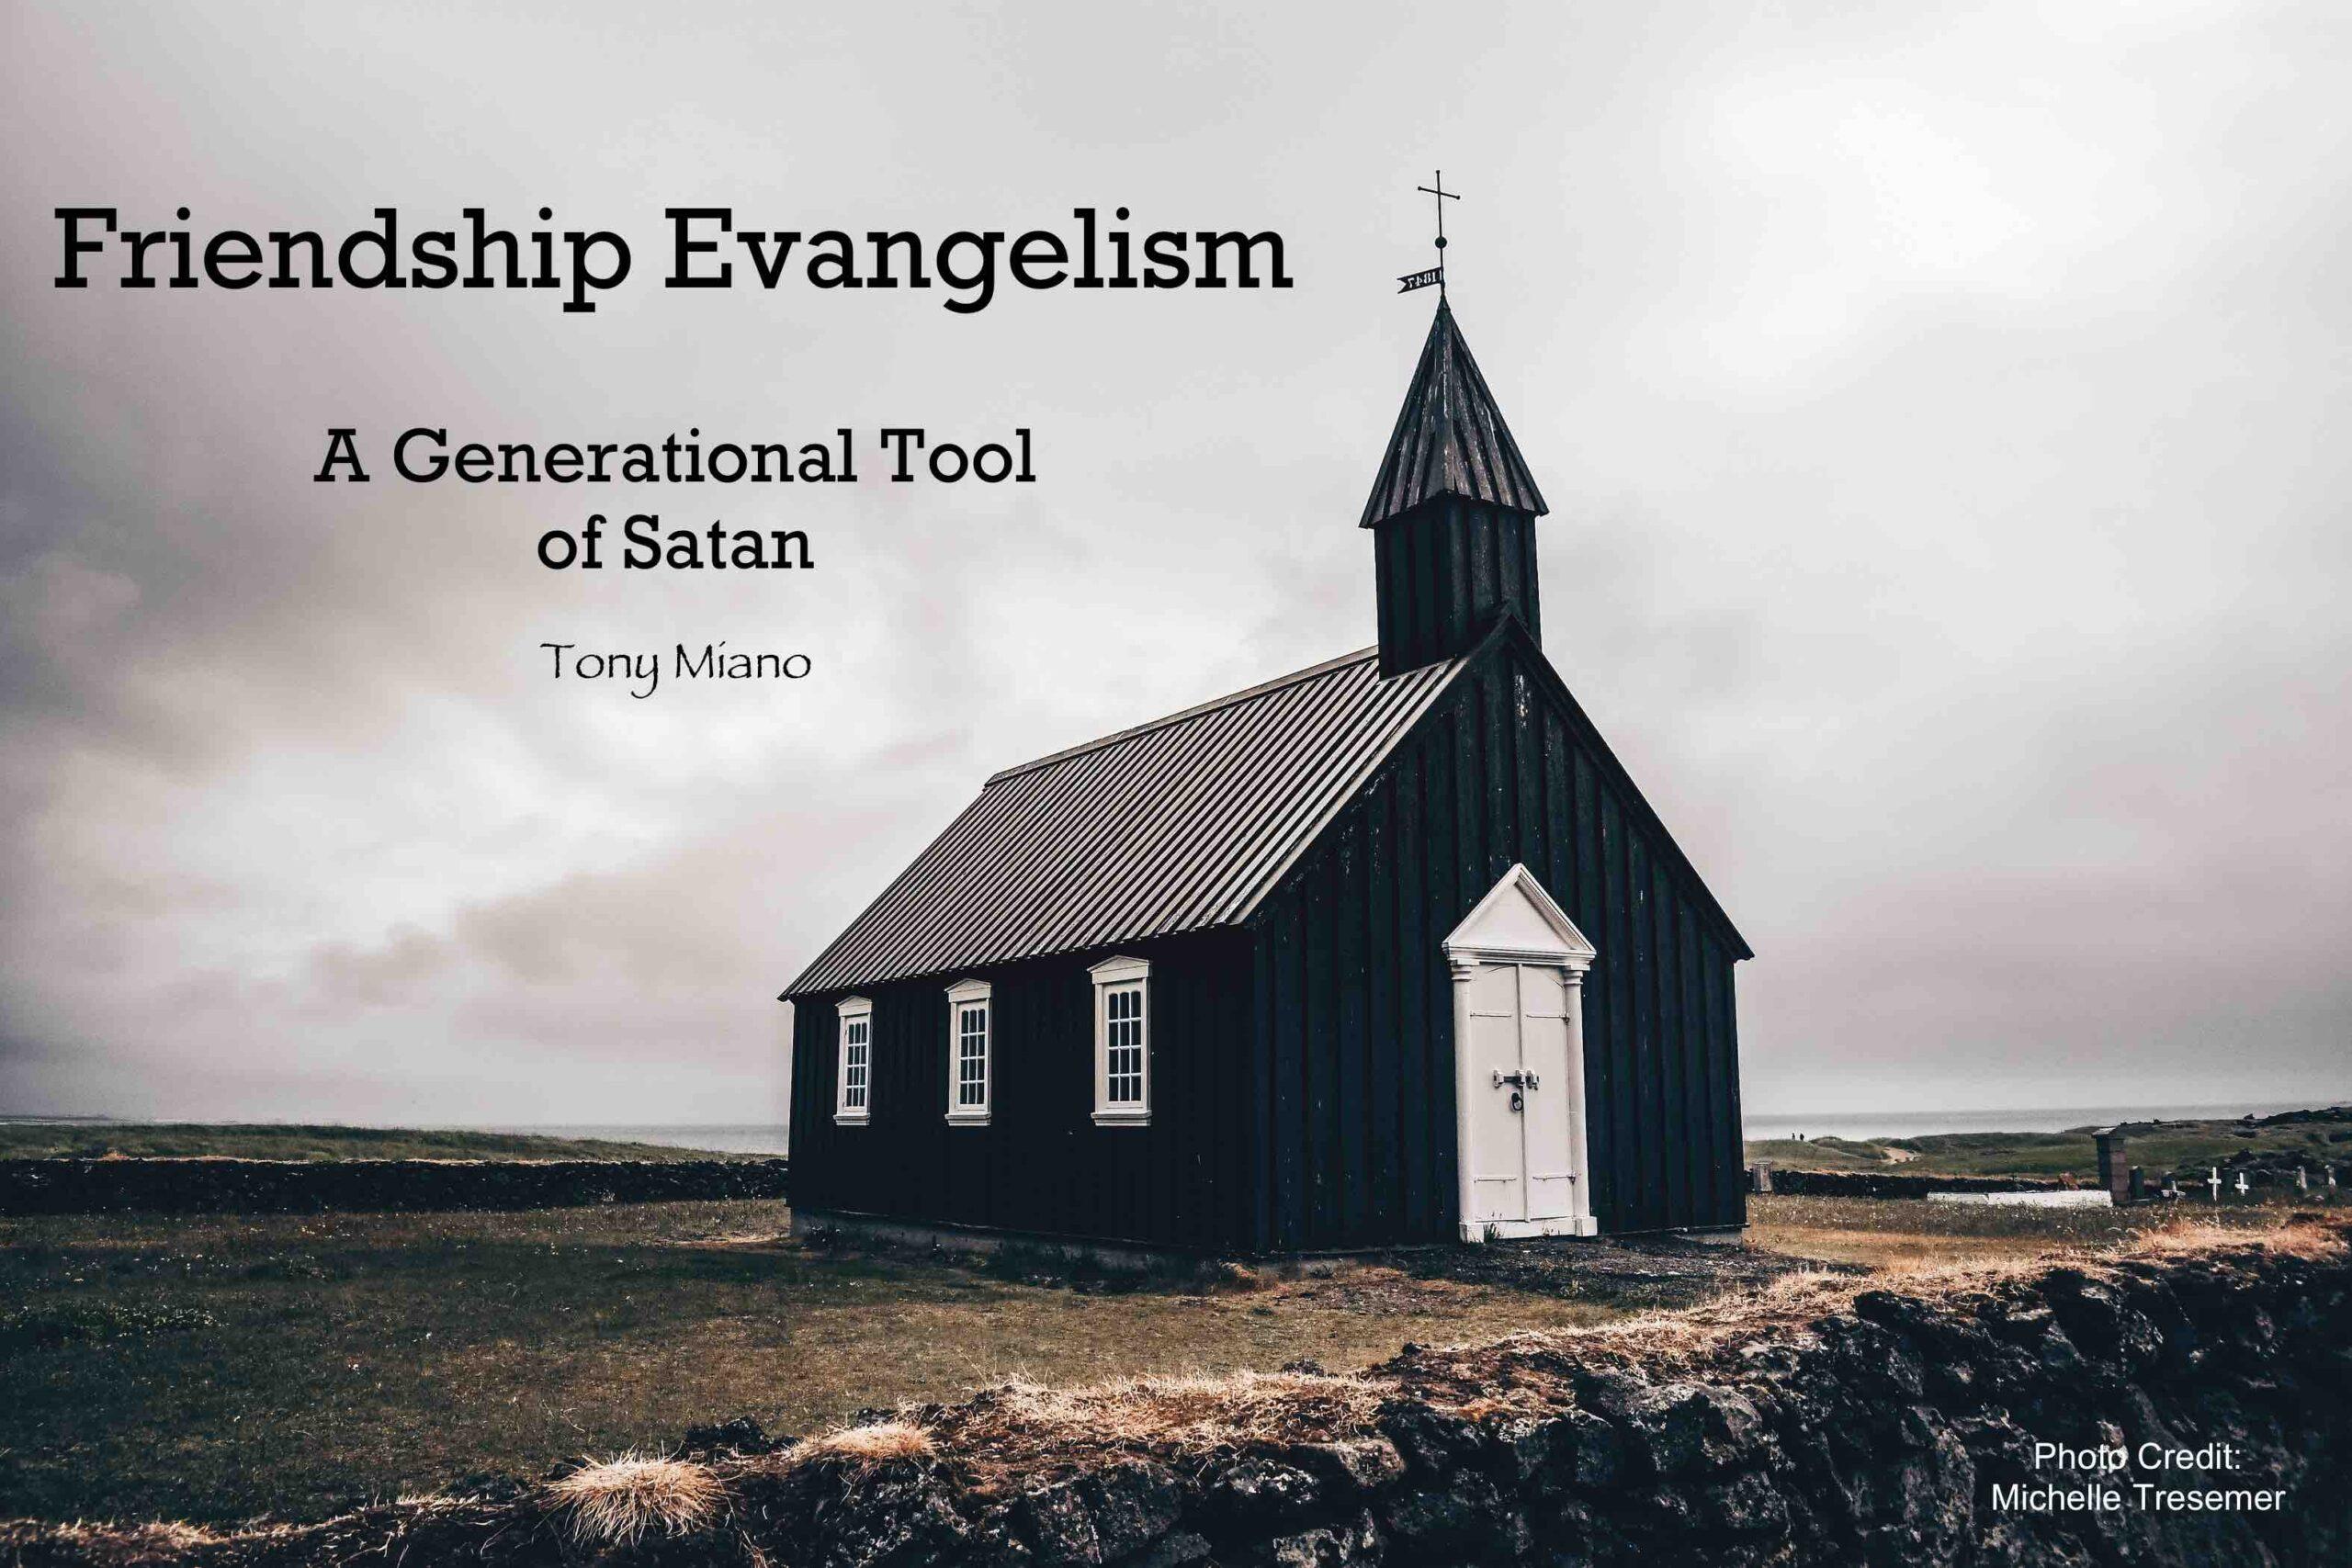 Friendship Evangelism - A Generational Tool of Satan